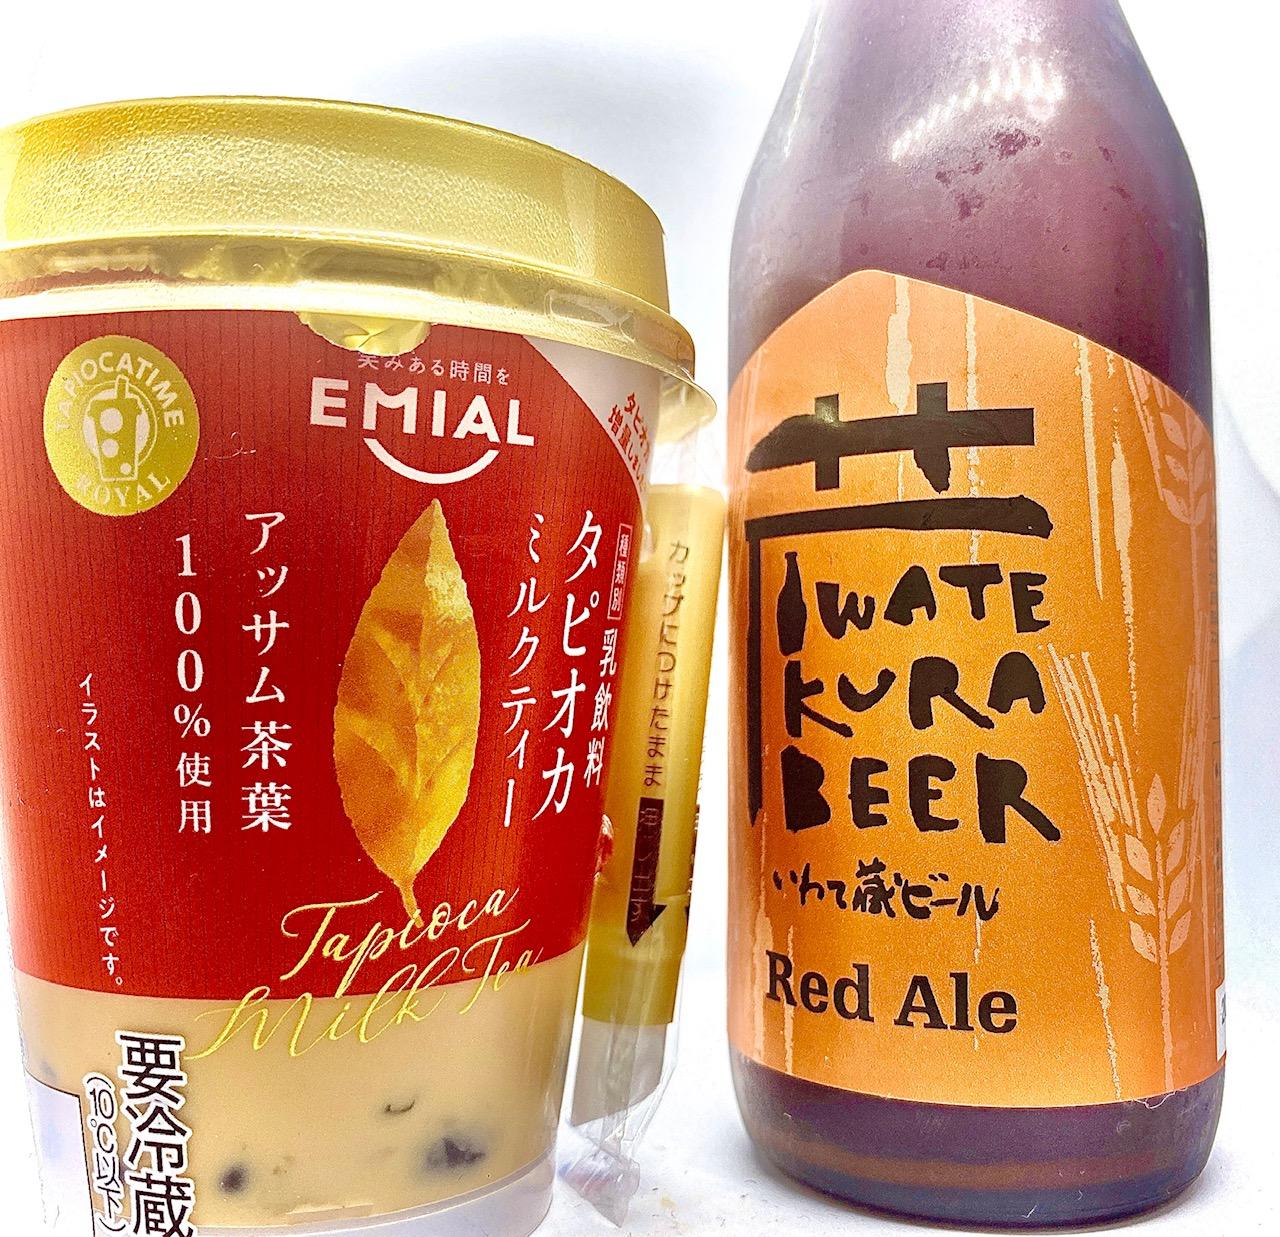 【コンビニペアリング】「いわて蔵ビール レッドエール」に「タピオカミルクティー」はいかが?